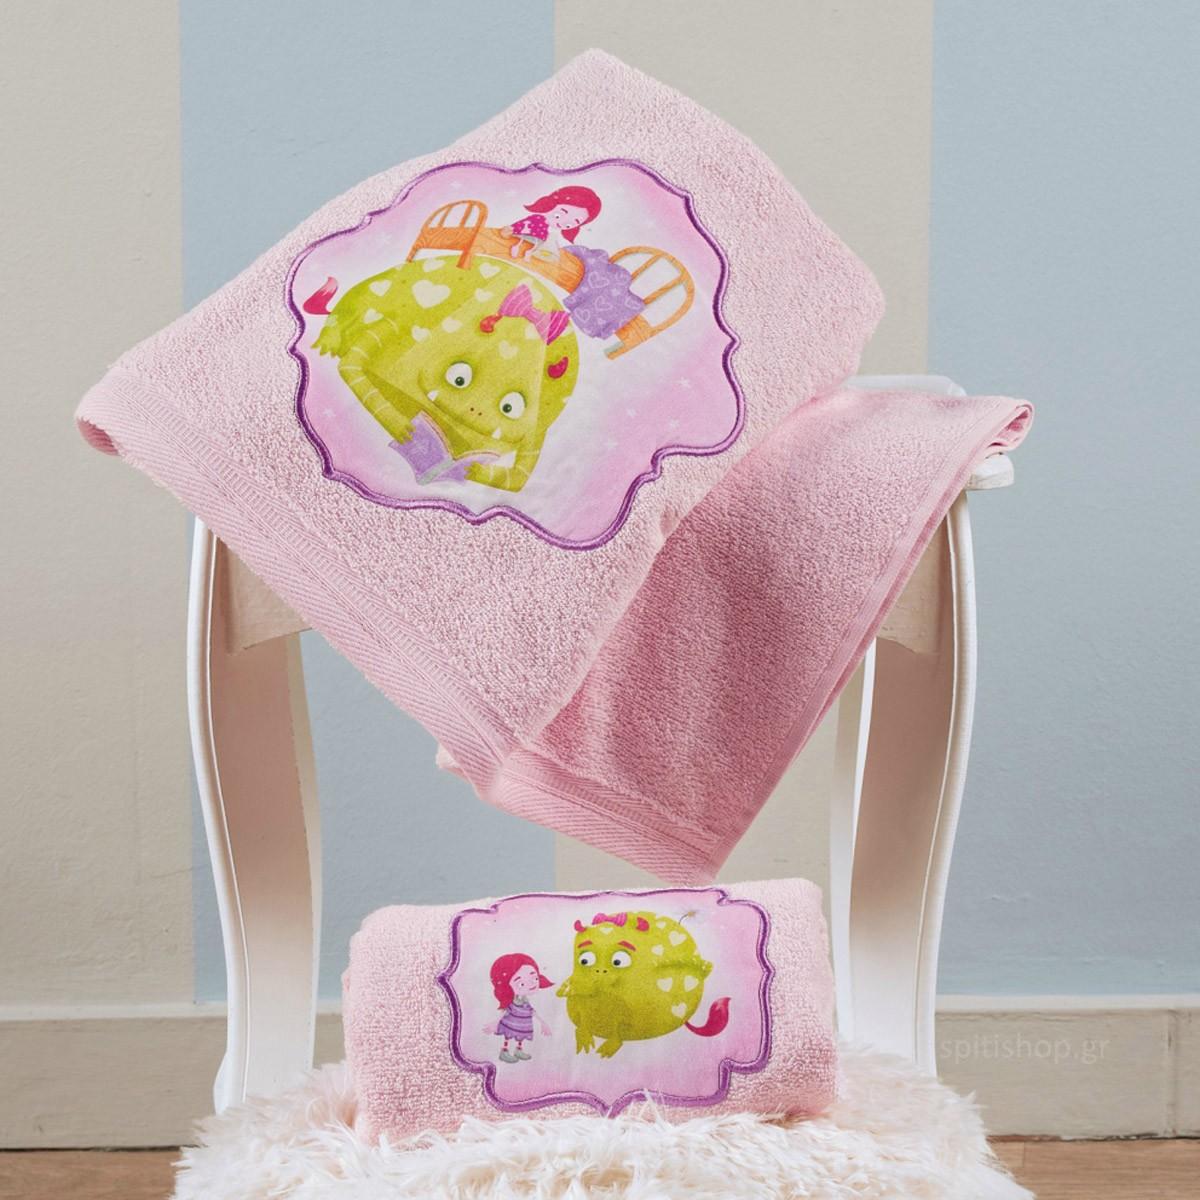 Βρεφικές Πετσέτες (Σετ 2τμχ) Kentia Baby Fairy Tale 14 87226